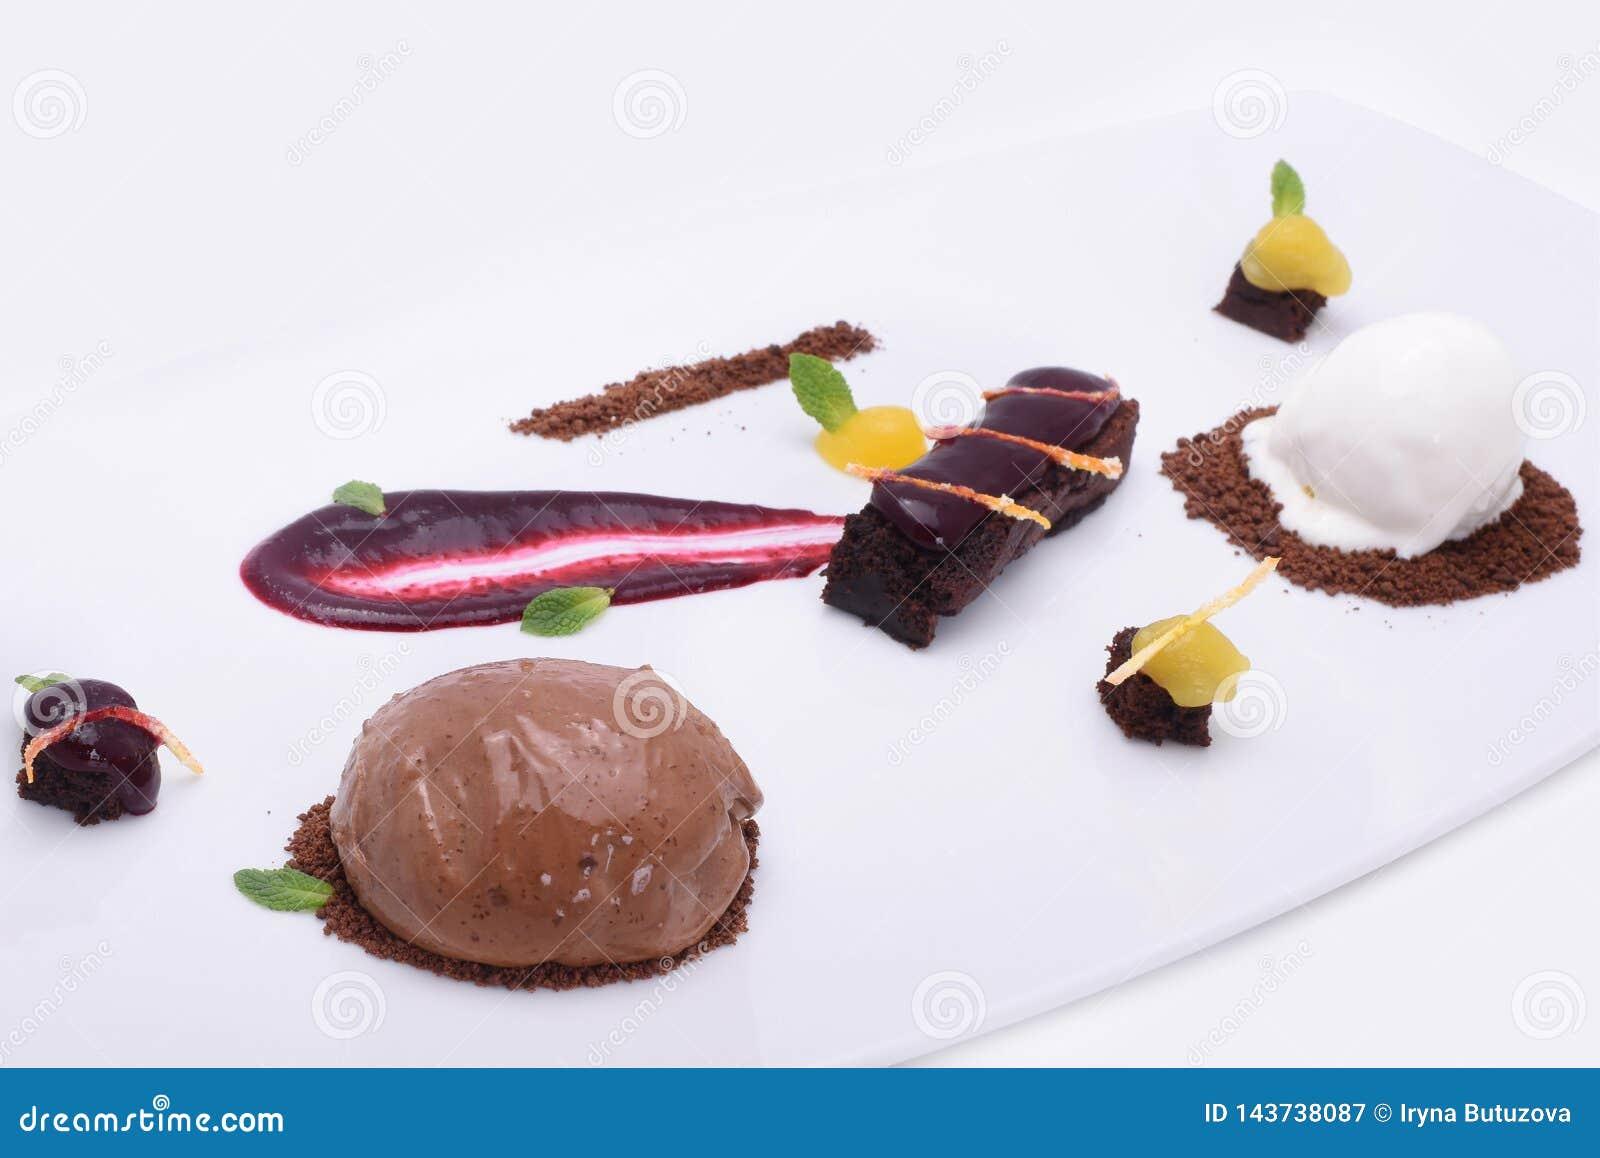 Dolci deliziosi - dolce di cioccolato, caramelle della frutta e palle del gelato su un piatto bianco